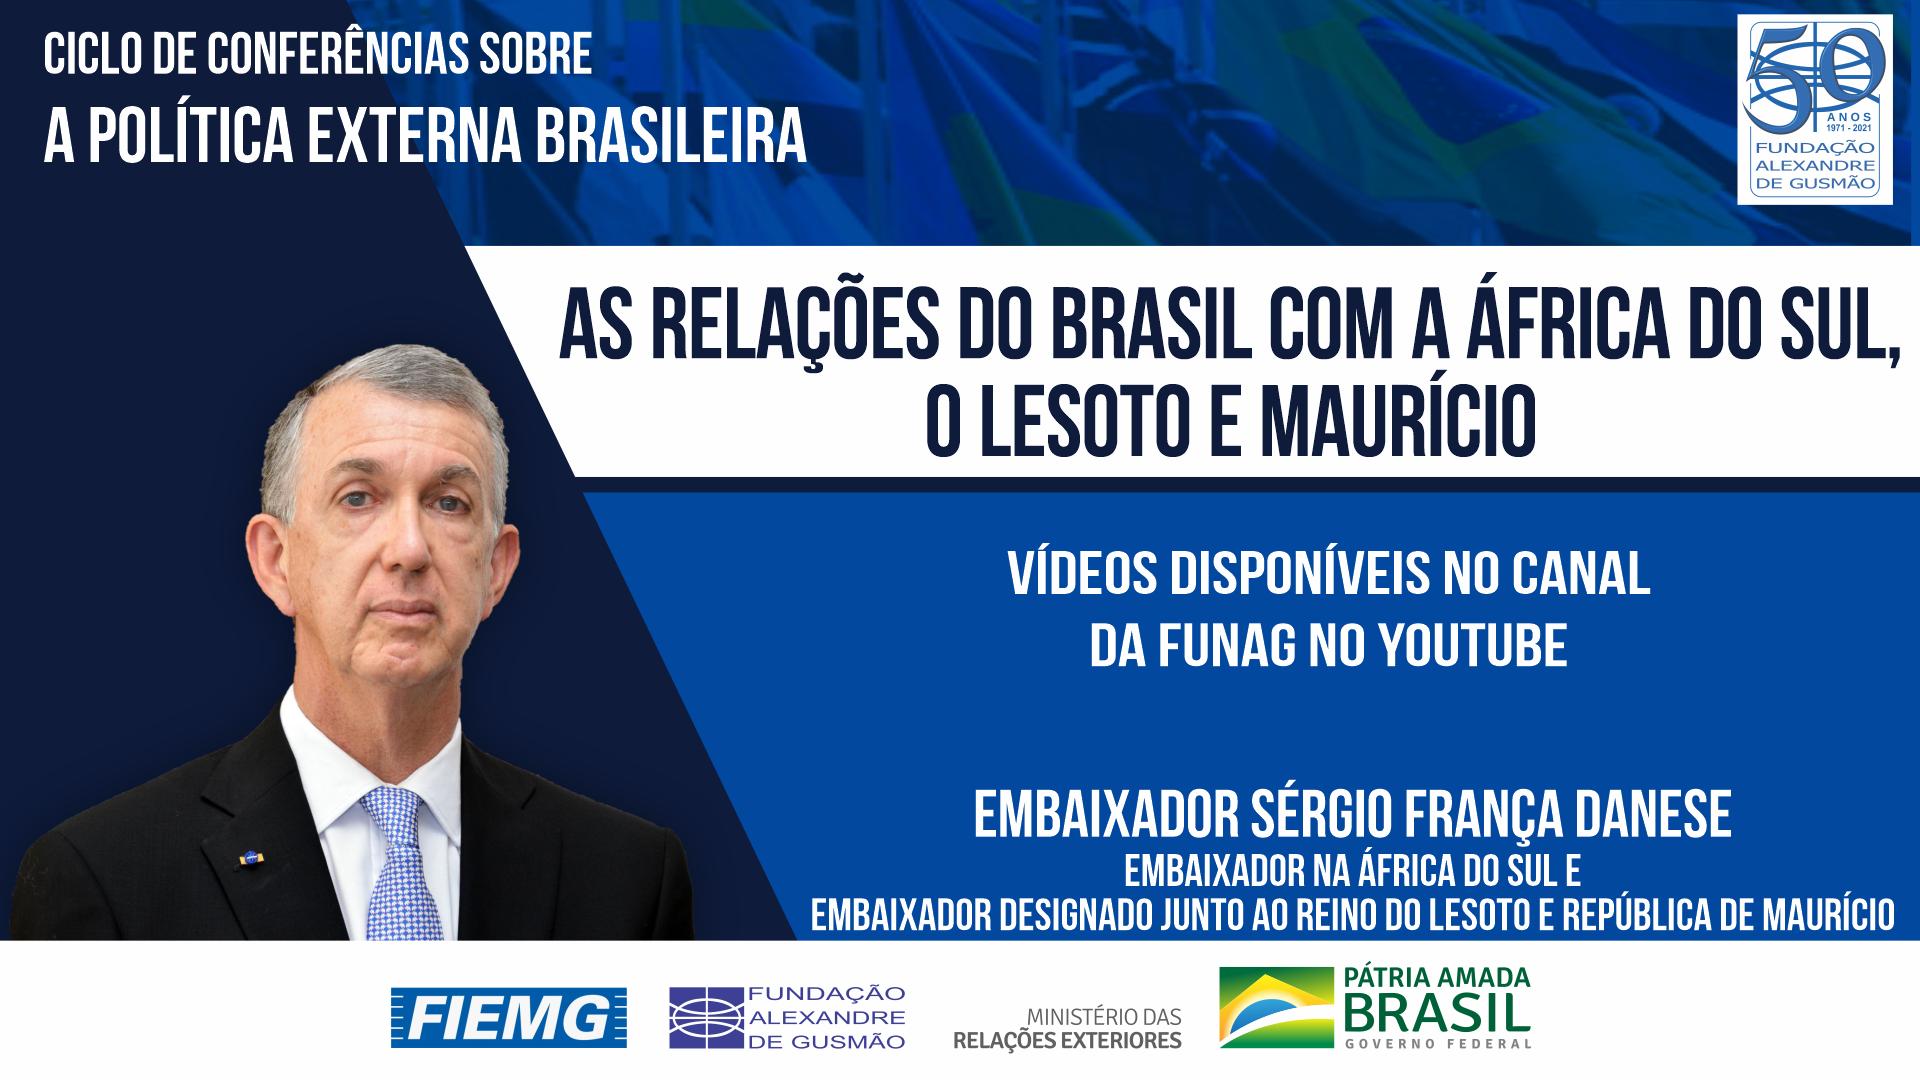 Assista aos vídeos da conferência do Embaixador do Brasil na África do Sul e Embaixador designado junto ao Lesoto e Maurício, Sérgio Danese